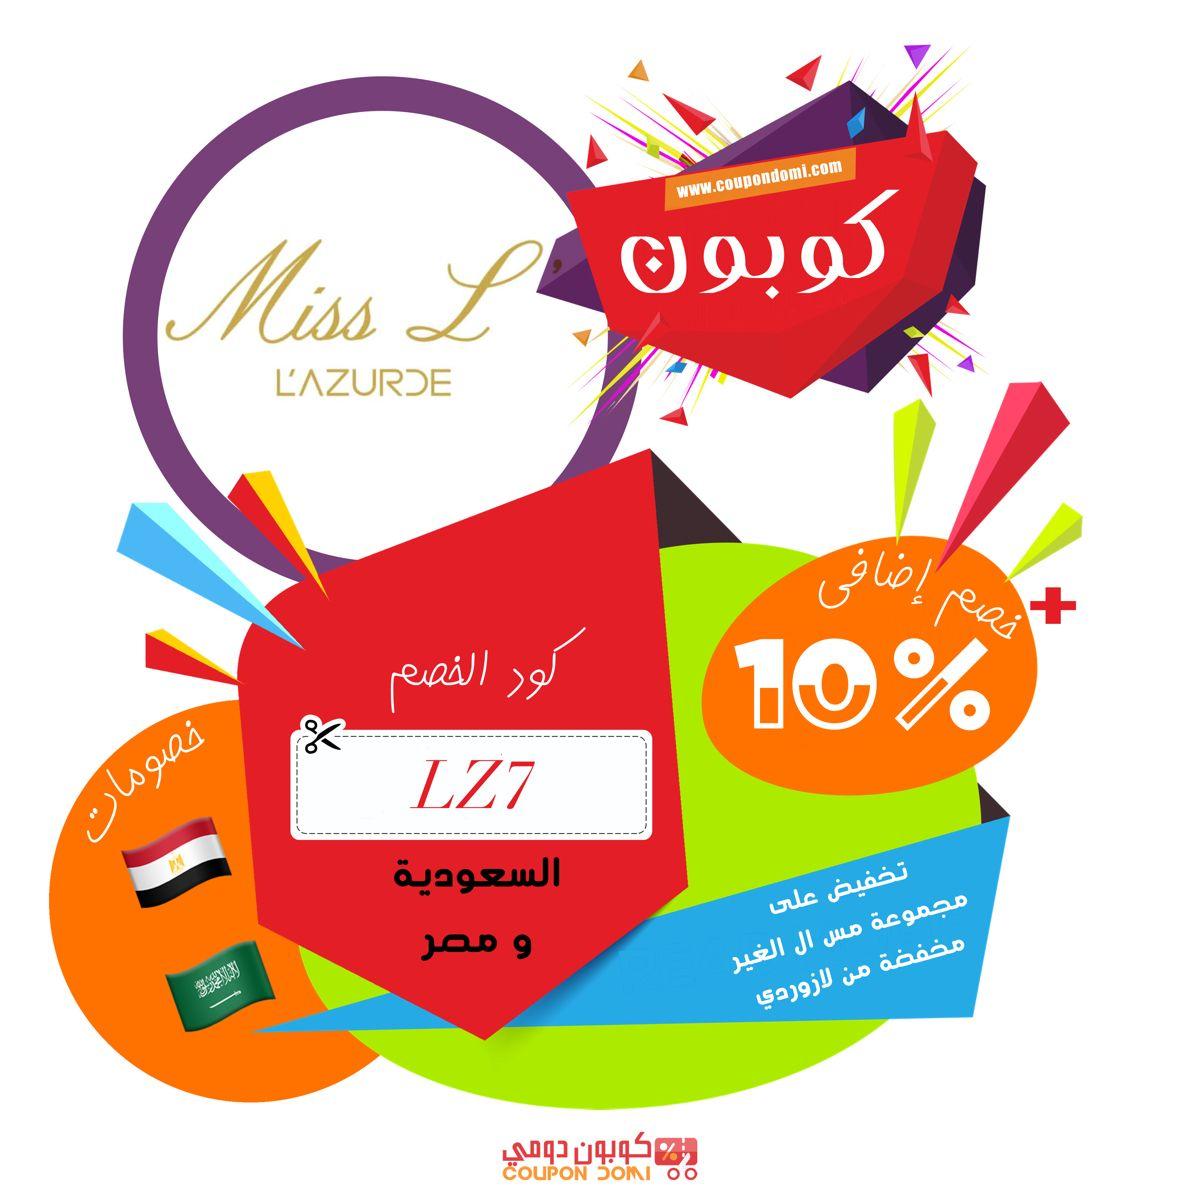 أحدث كوبونات خصم لازوردي 10 إضافية في مصر و السعودية من Lazurde In 2021 Convenience Store Products Convenience Store Store